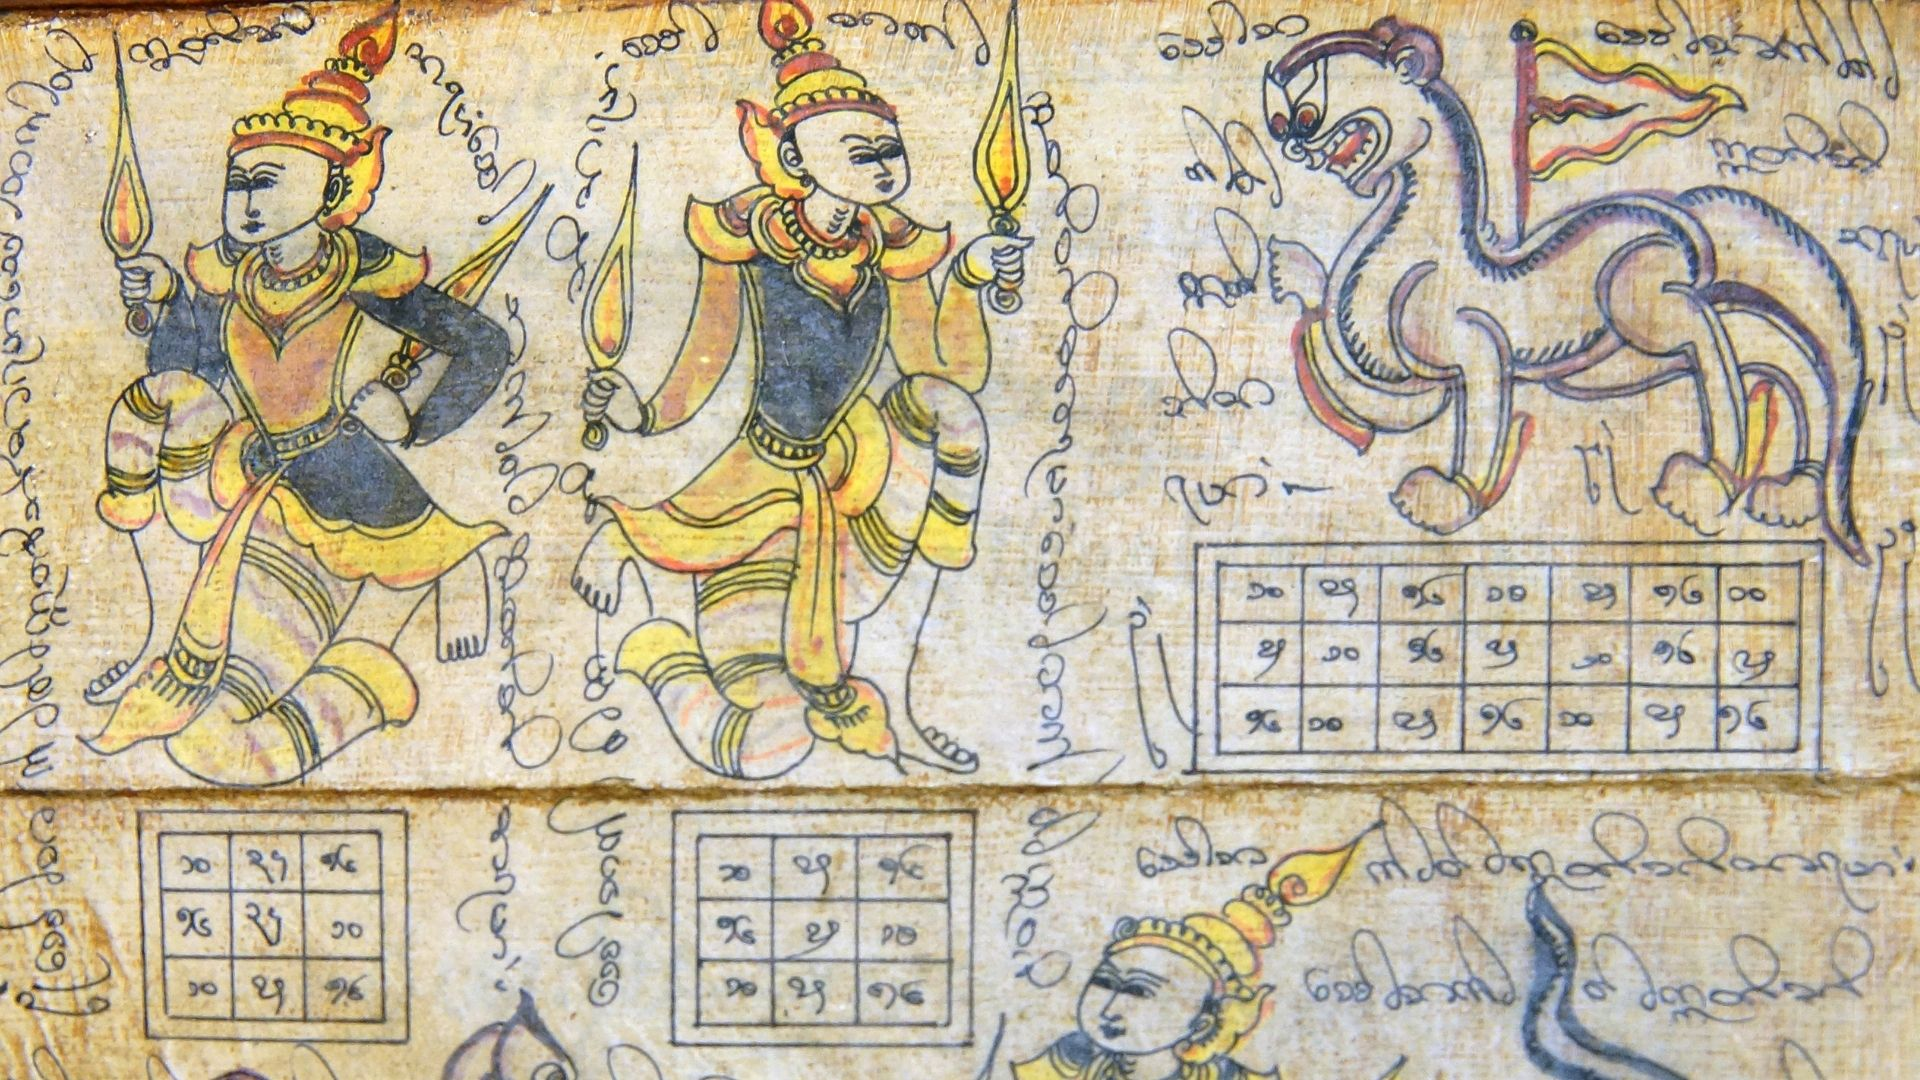 La astrologia y el curioso calendario de Myanmar